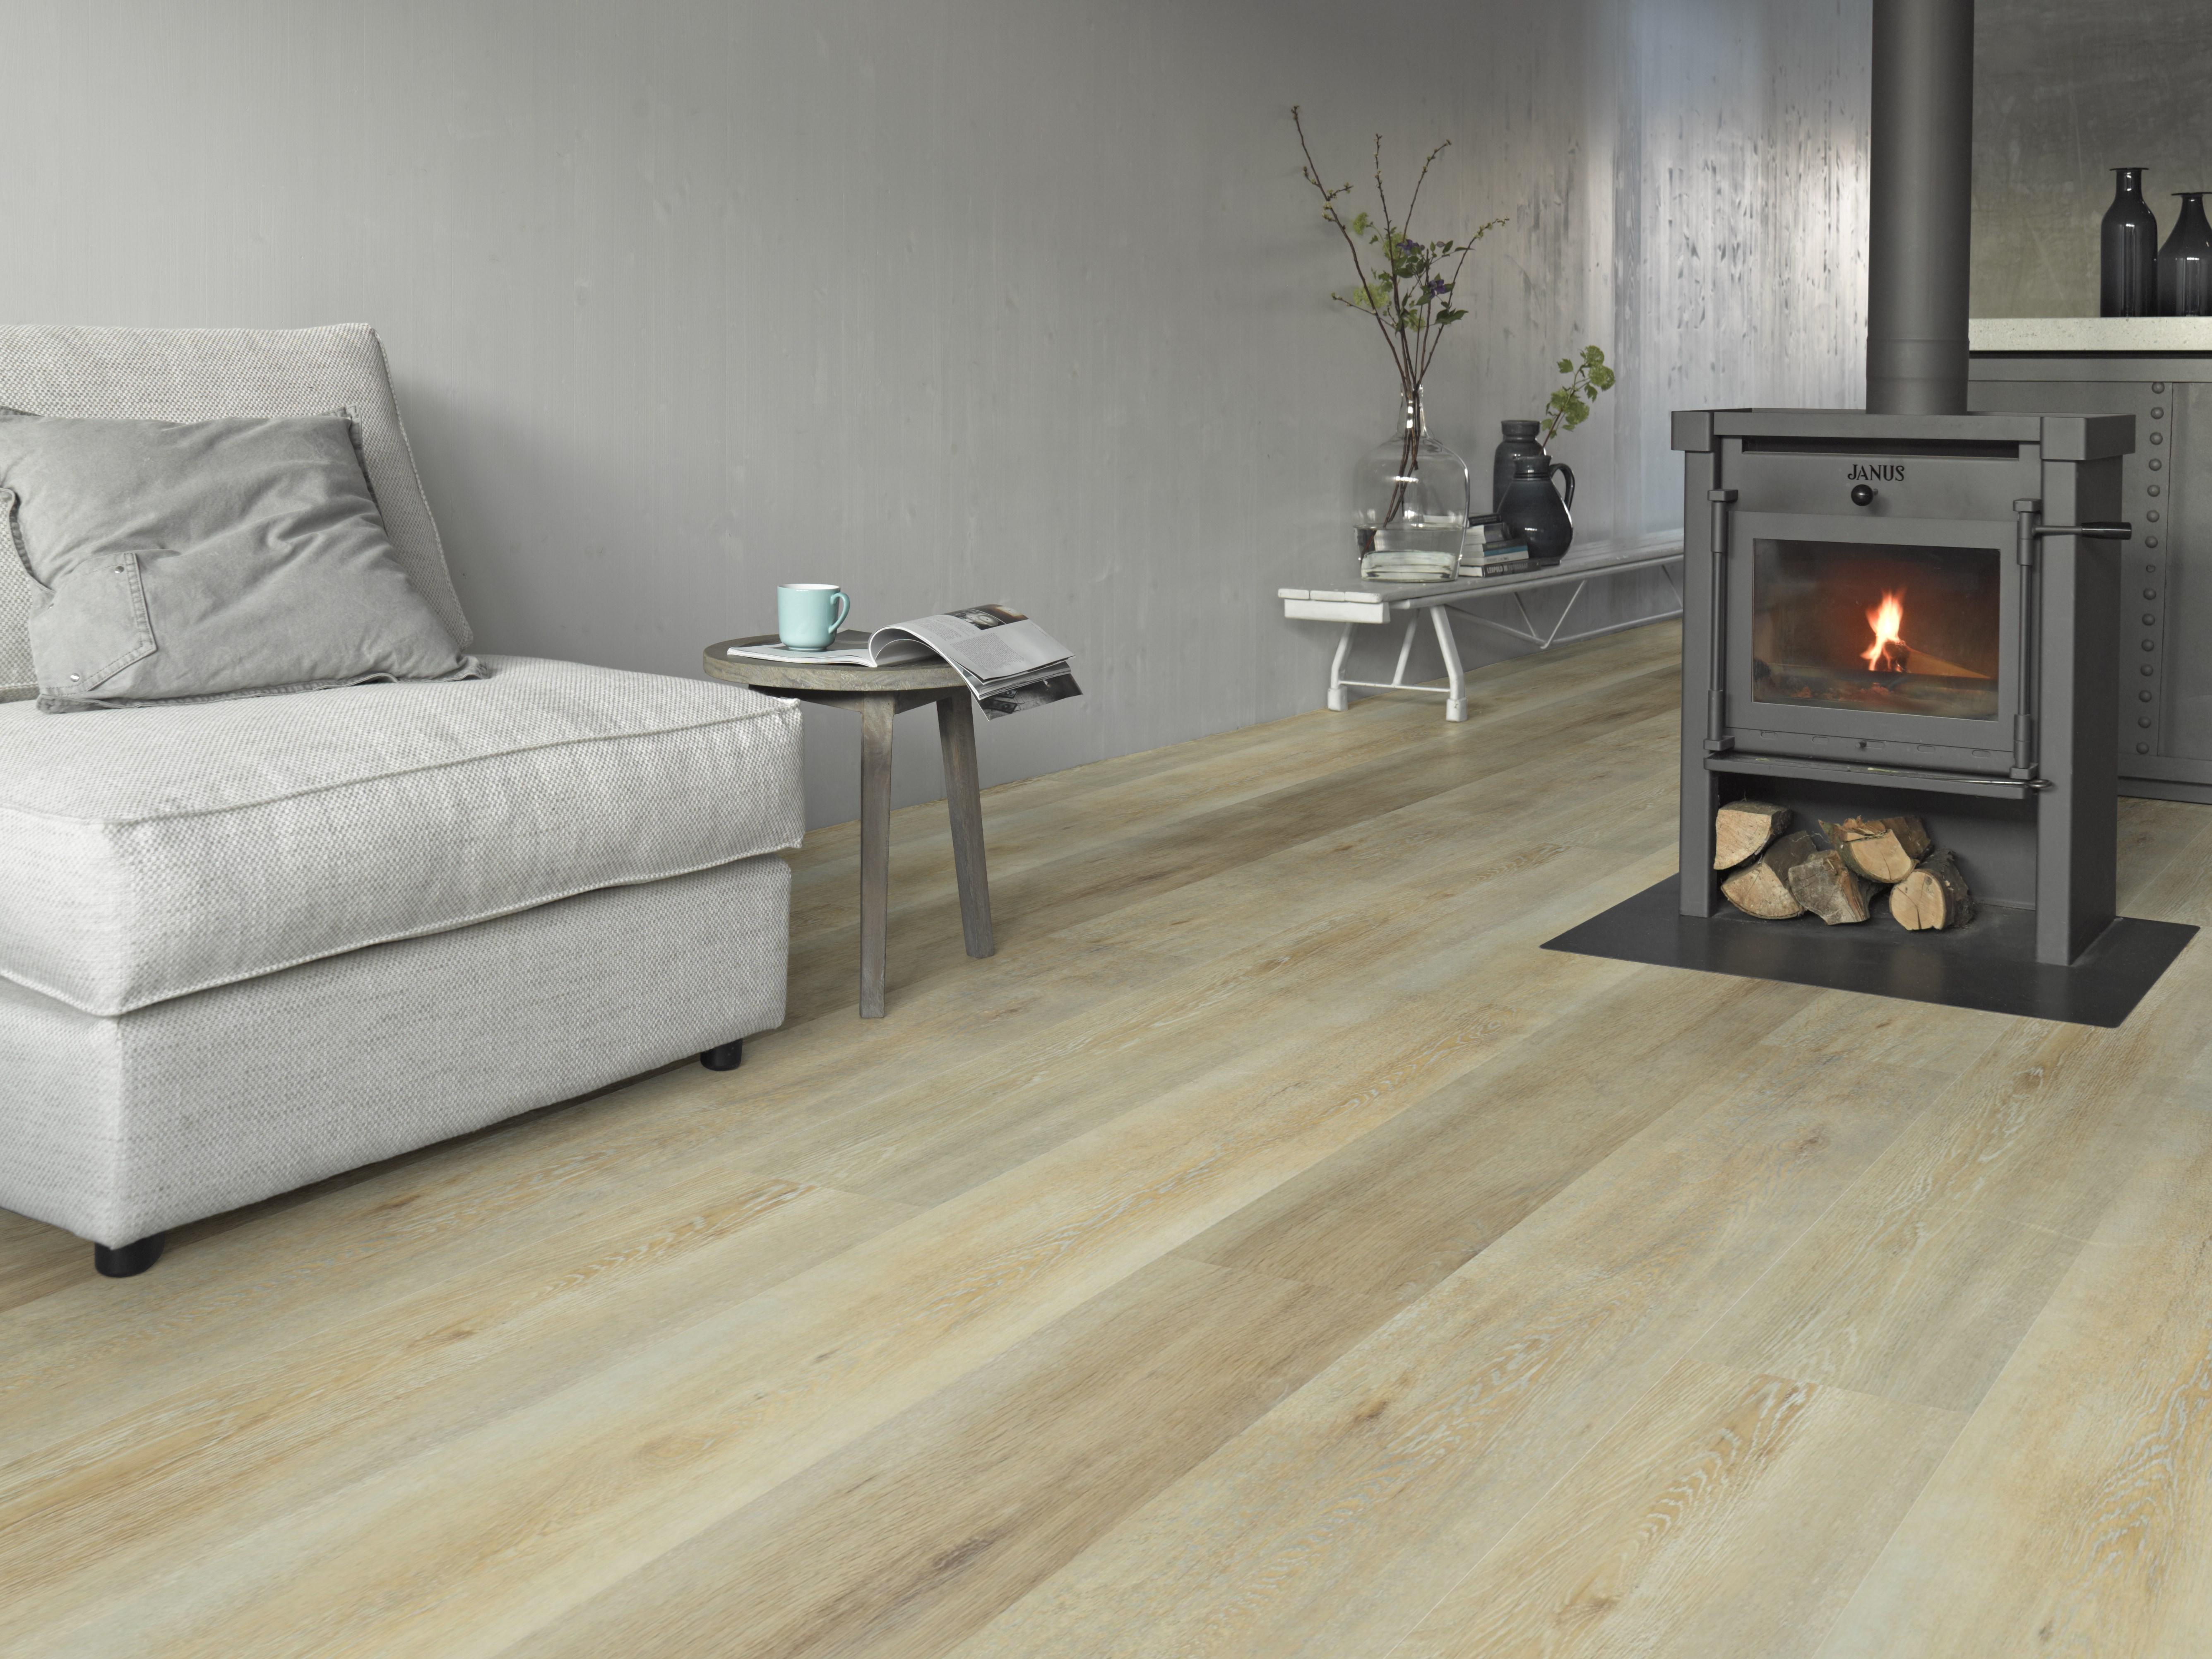 61148 - Pimbee - rustic oak